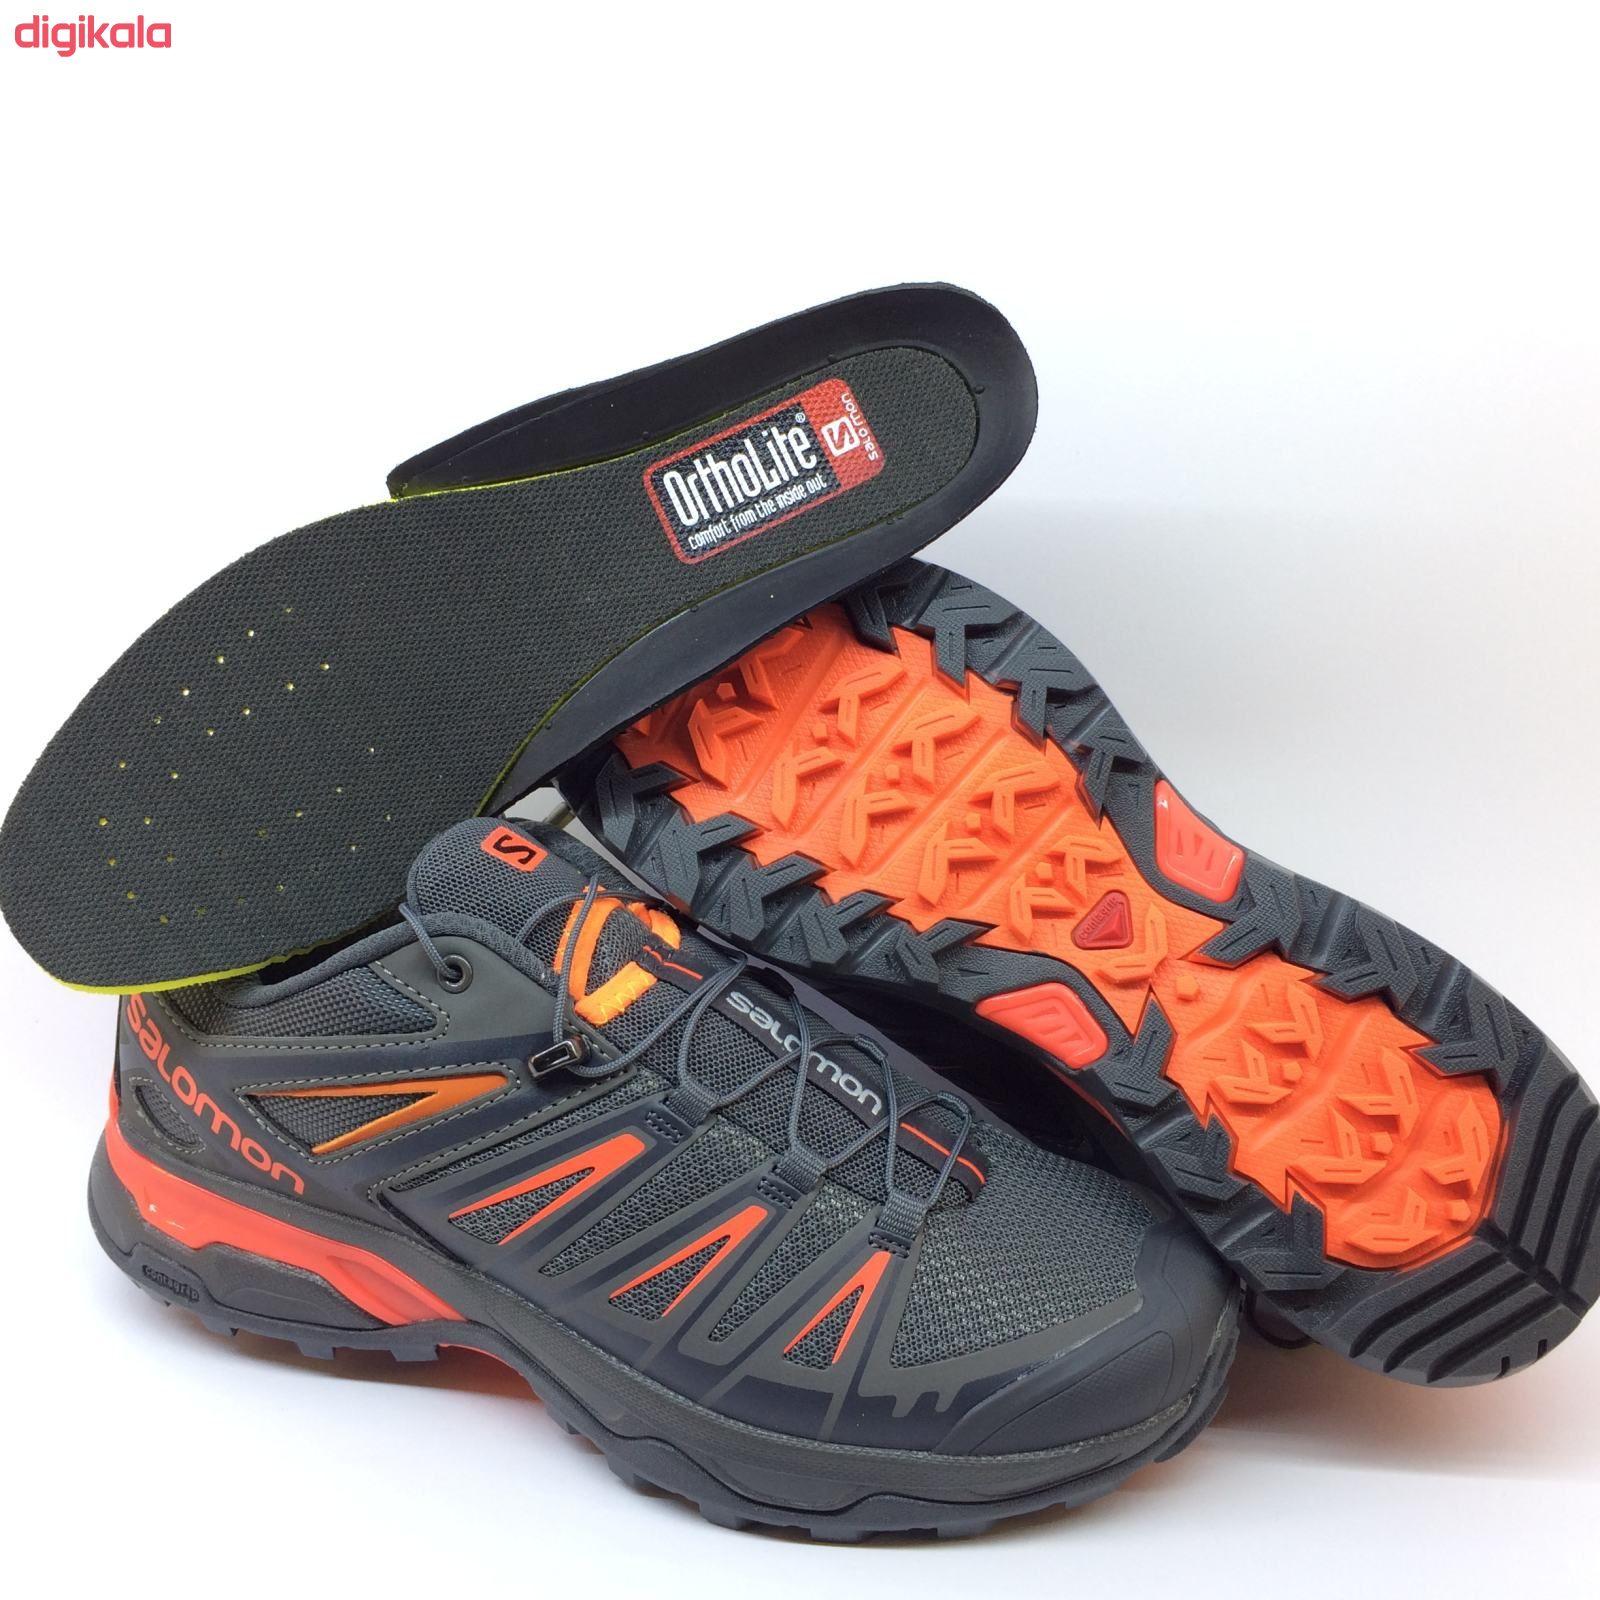 کفش کوهنوردی مردانه  مدل X-ultra3 main 1 4